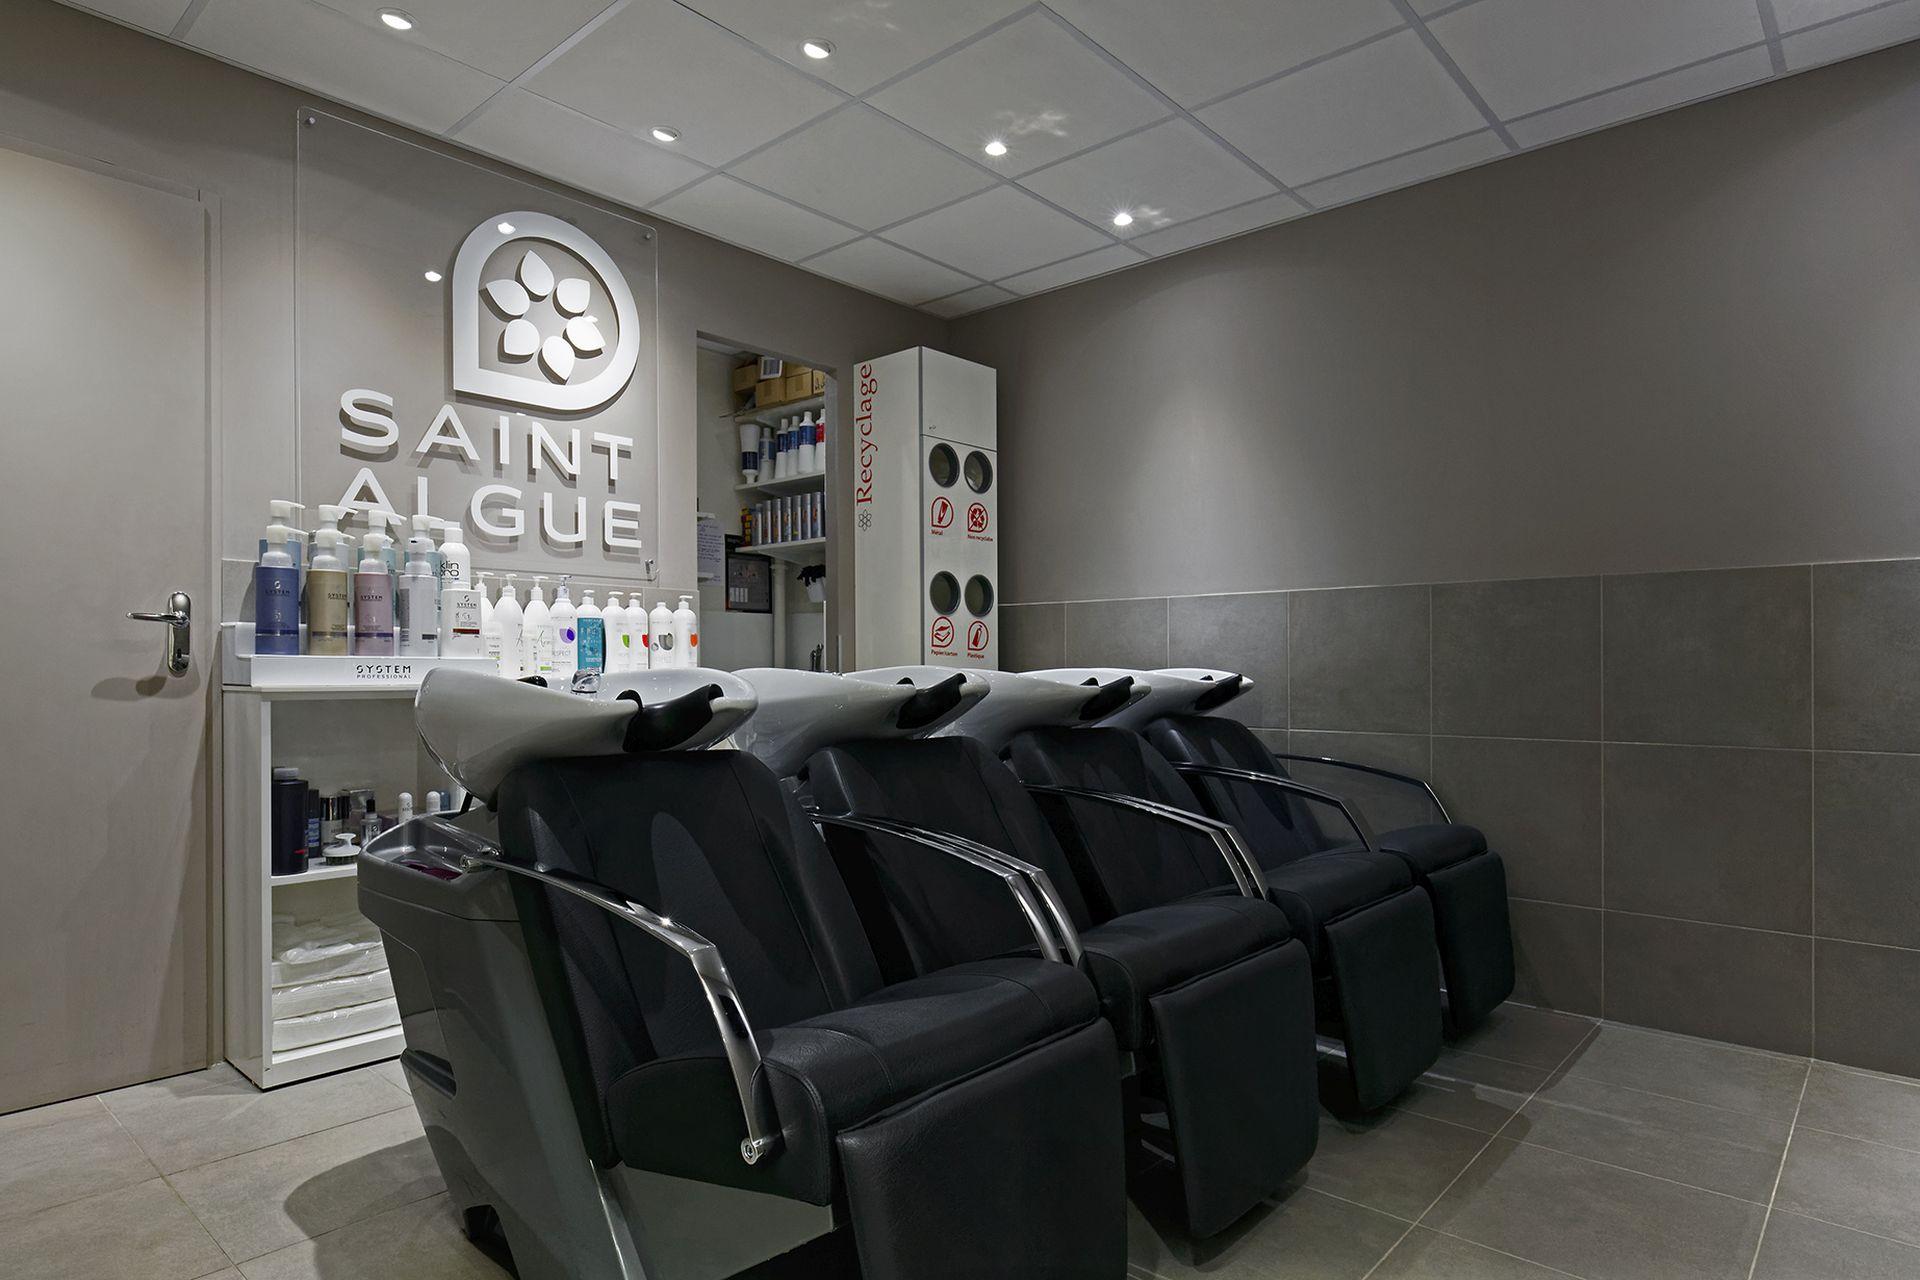 amenagement-salon-coiffure-saint-algue-006